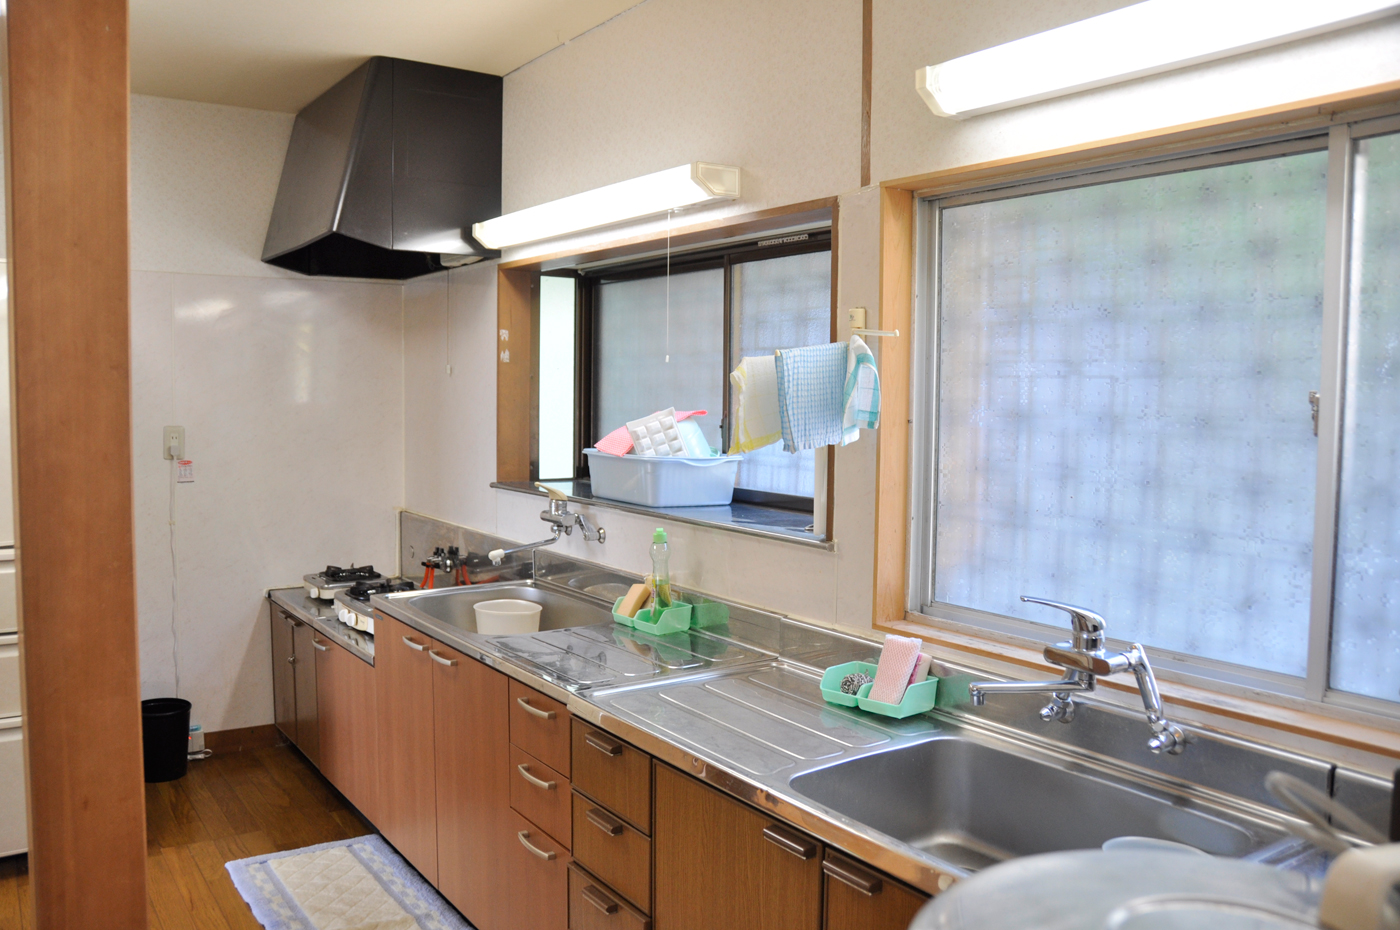 入田浜山荘 15~19人までの大人数で自炊が楽しめる広いキッチンを完備しています